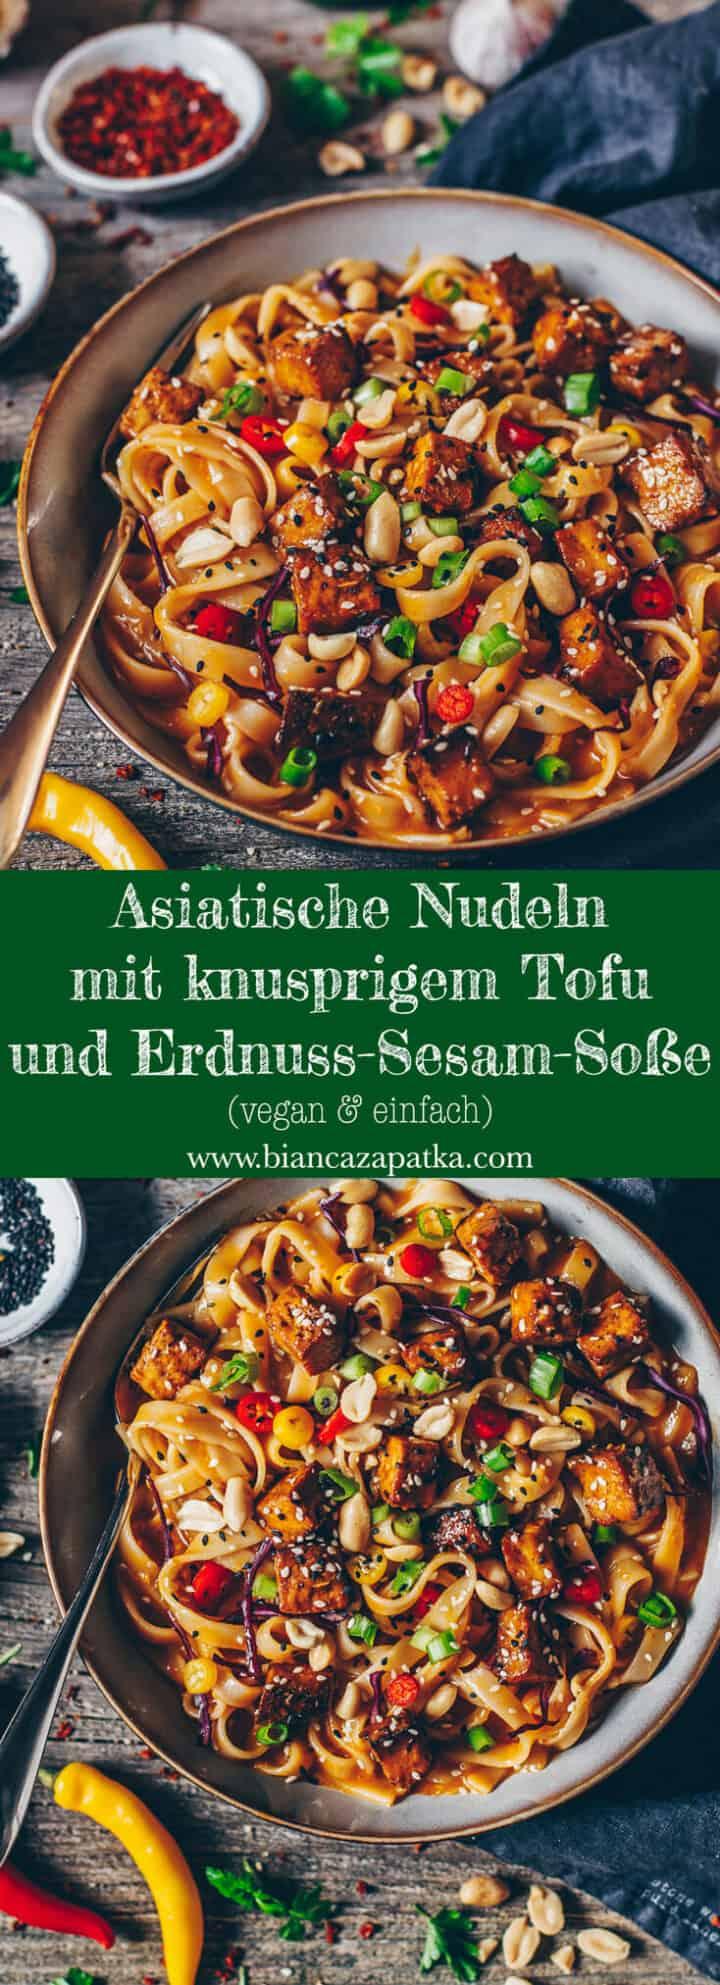 Rezept für asiatische Nudeln mit einer Soße aus Chili, Erdnuss und Sesam - vegan, schnell und einfach zubereitet, lecker, gesund!